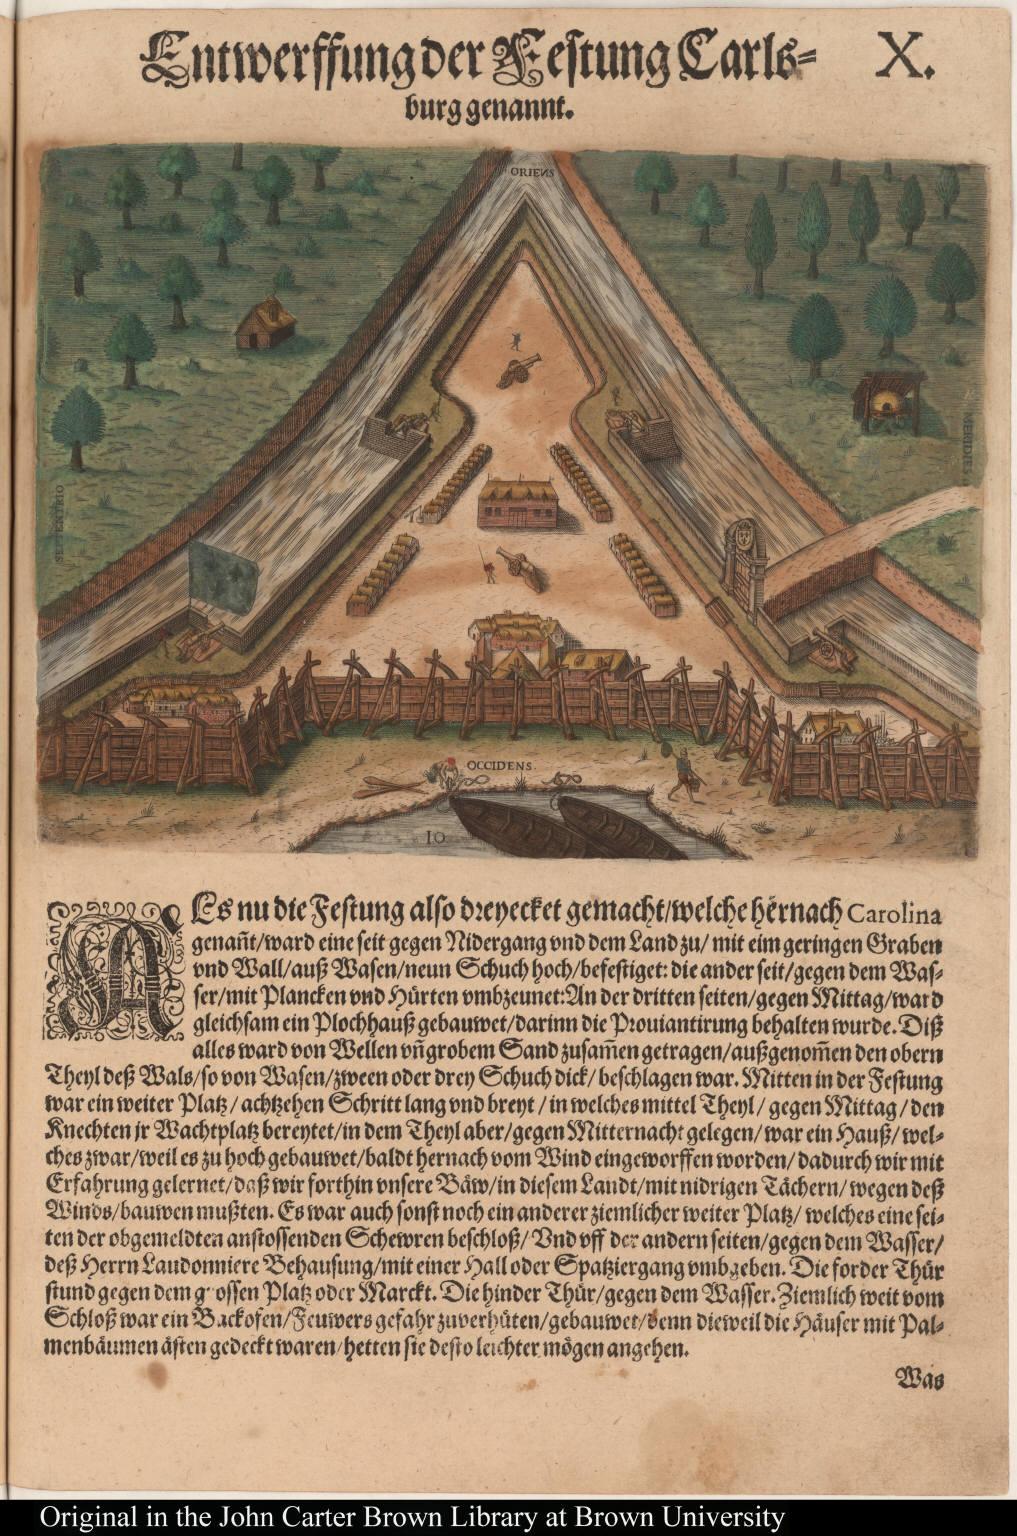 Entwerffung der Festung Carlsburg genannt.